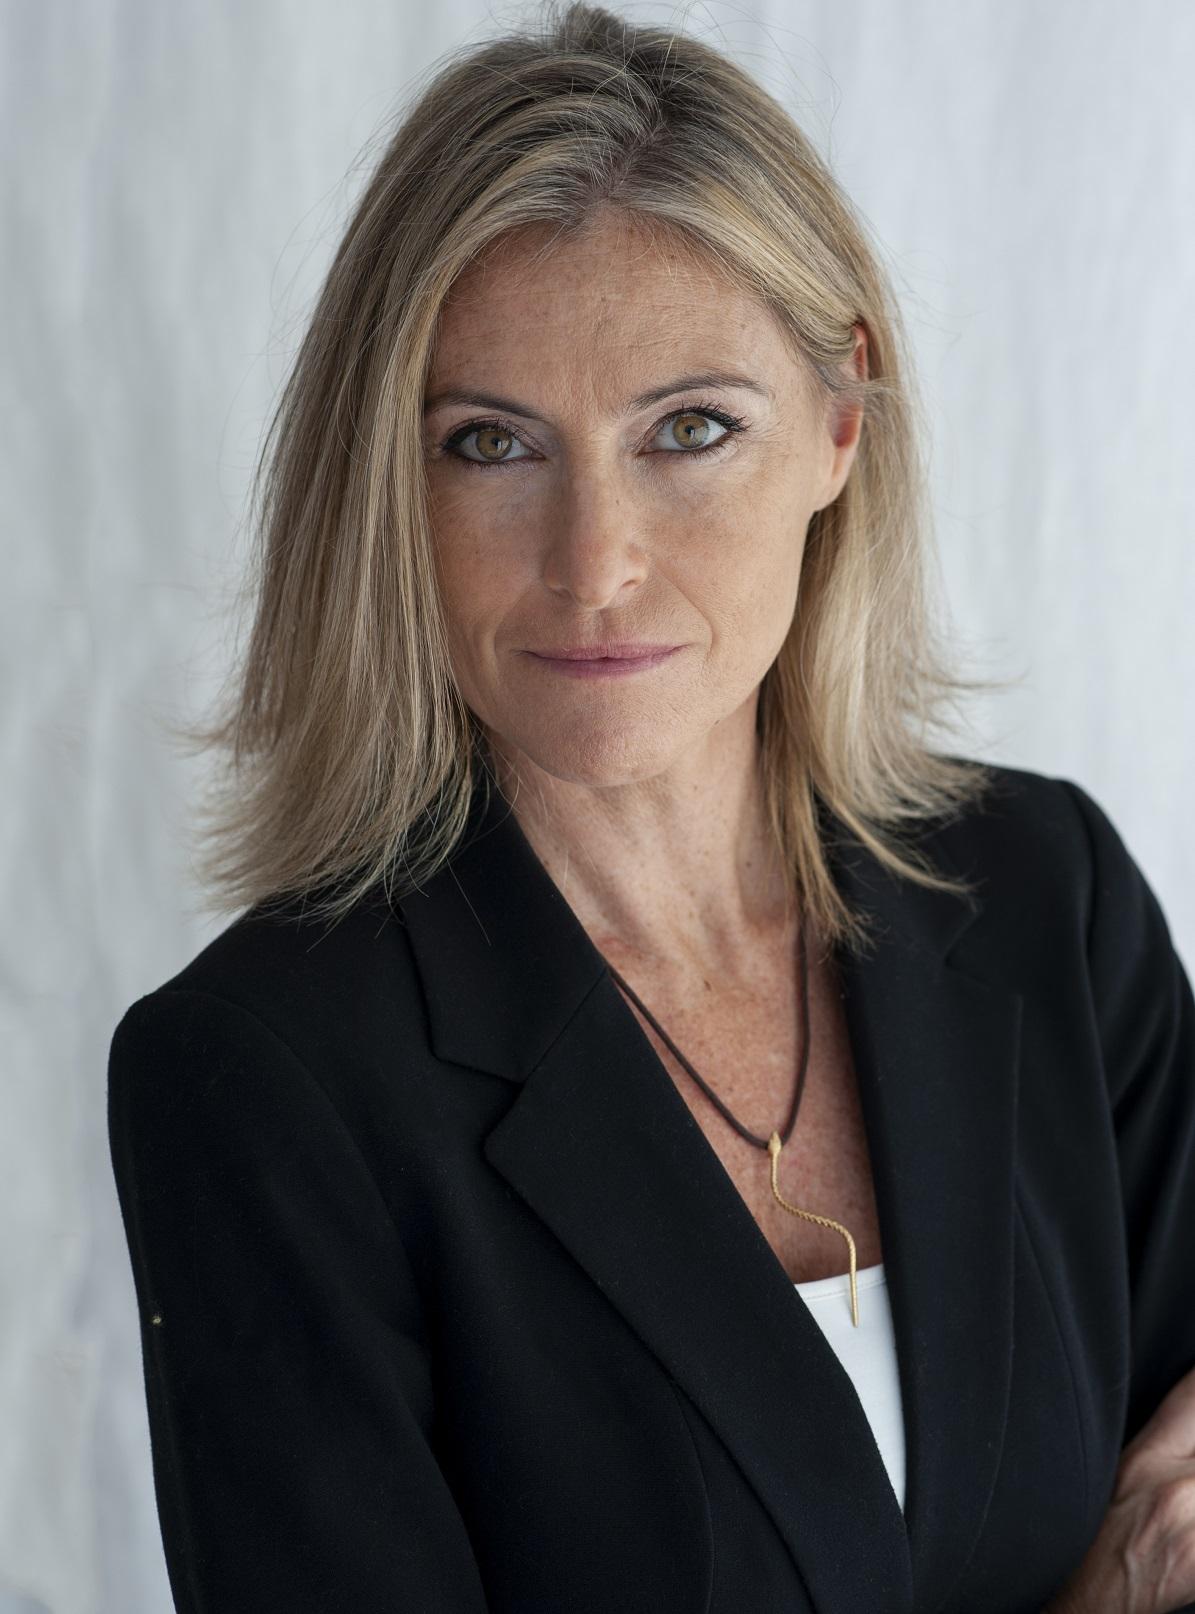 Lisa Ocampo fue designada como nueva presidenta de la Asociación de mujeres franco-argentinas Marianne